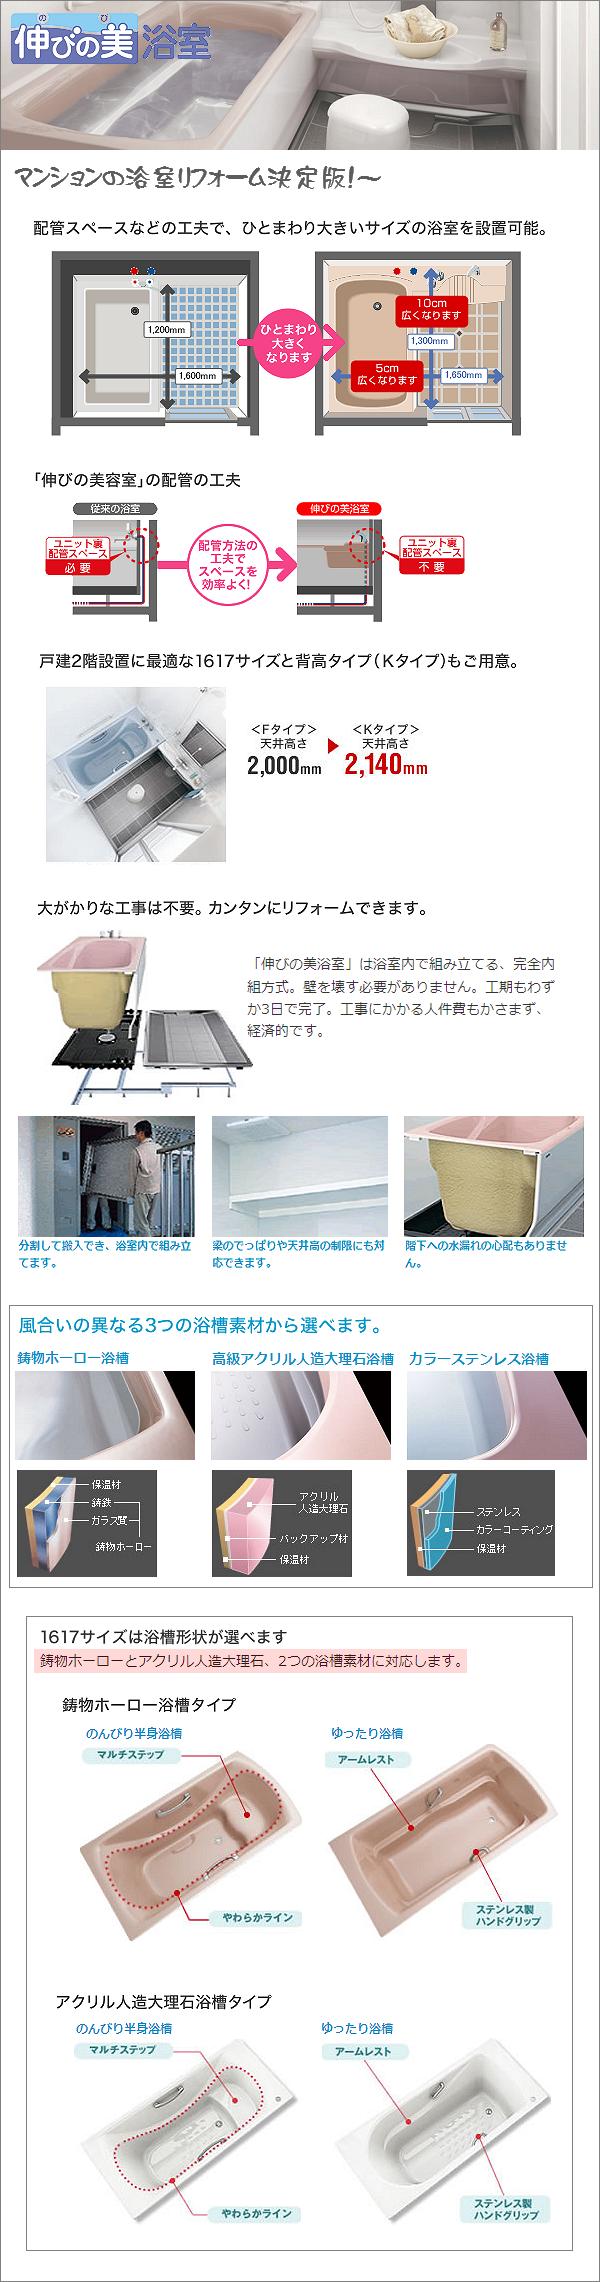 タカラスタンダード/伸びの美(のびのび)浴室 商品情報